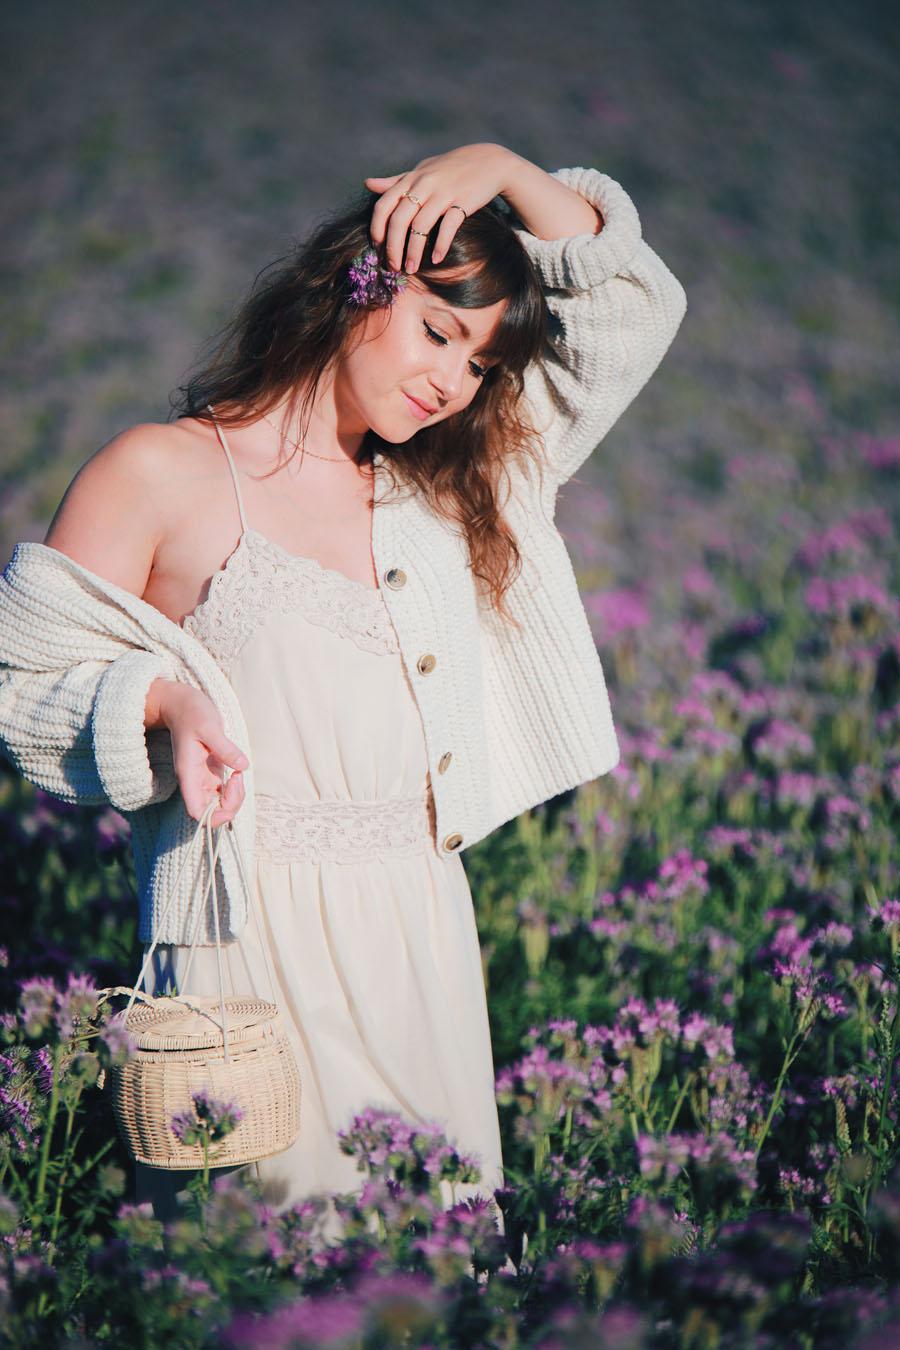 Romantischer Sommerlook mitten im Blumenmeer-Modeblog-Style by An